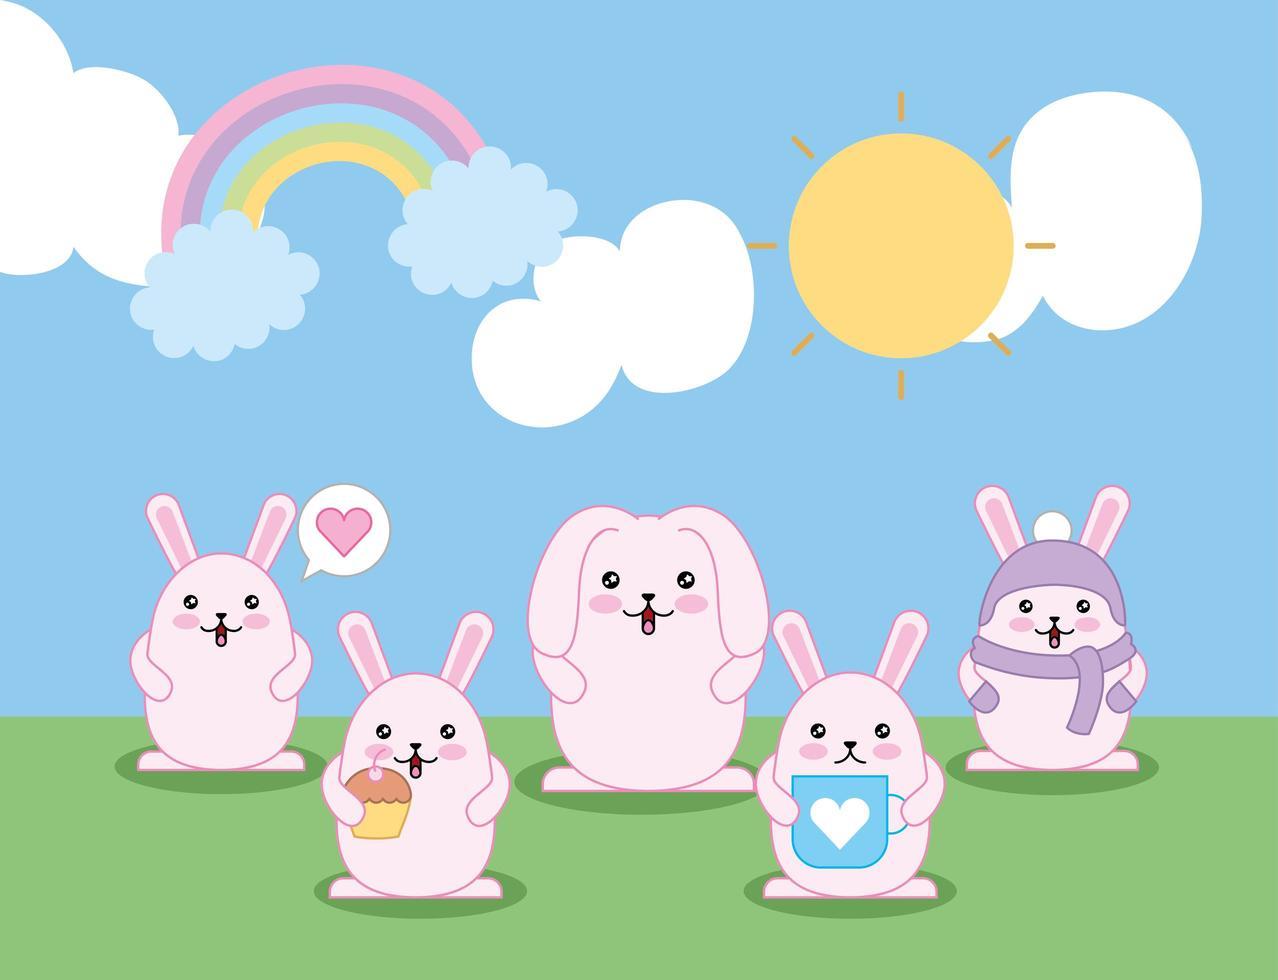 süße kleine Kaninchen im Freien, kawaii Zeichen vektor